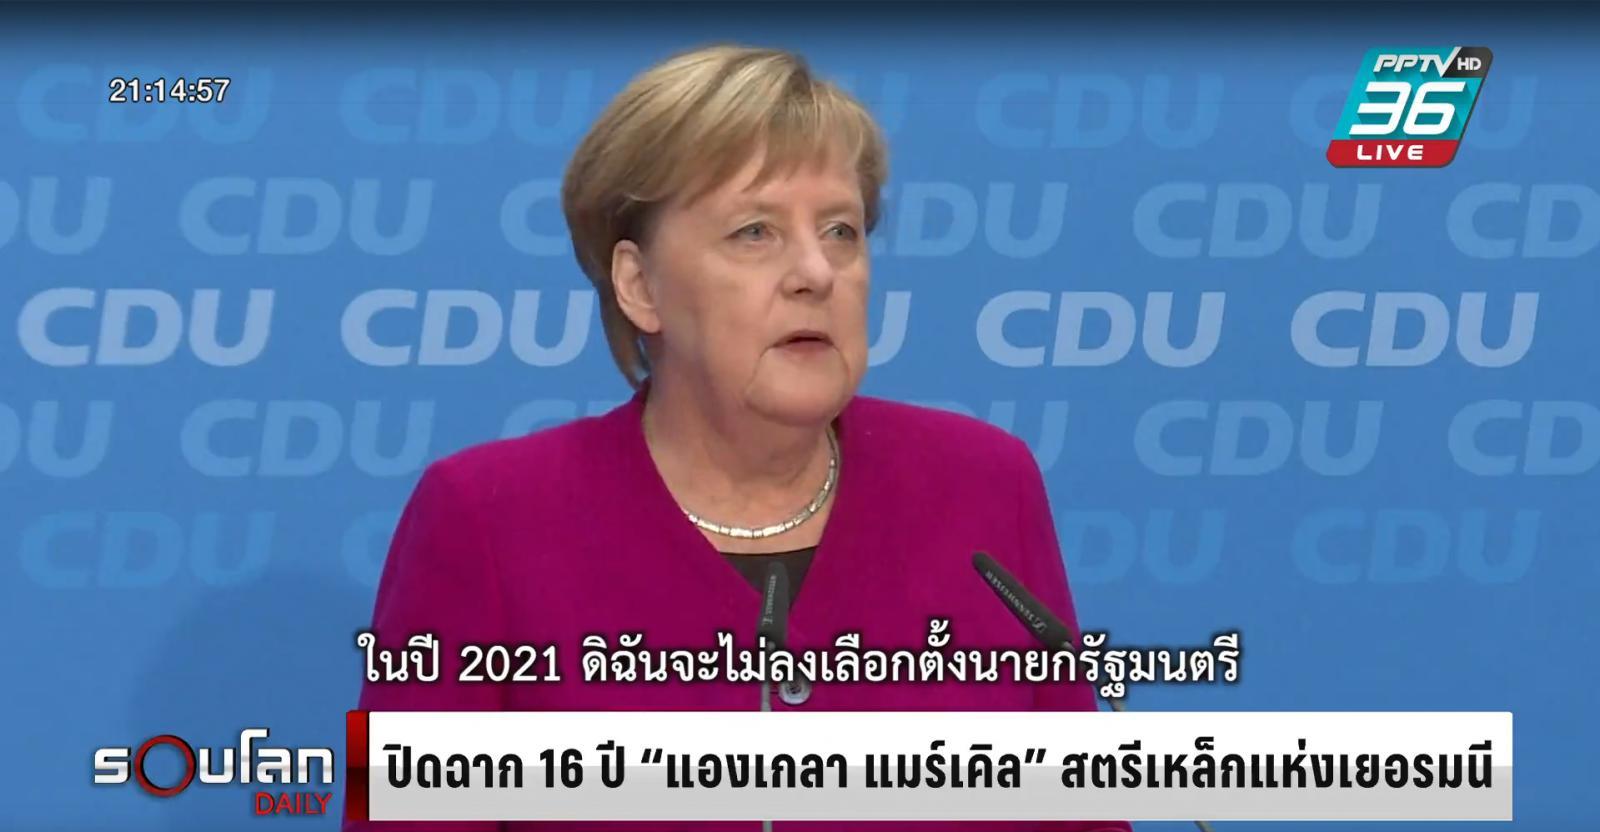 """ปิดฉาก 16 ปี """"แองเกลา แมร์เคิล"""" สตรีเหล็กแห่งเยอรมนี"""